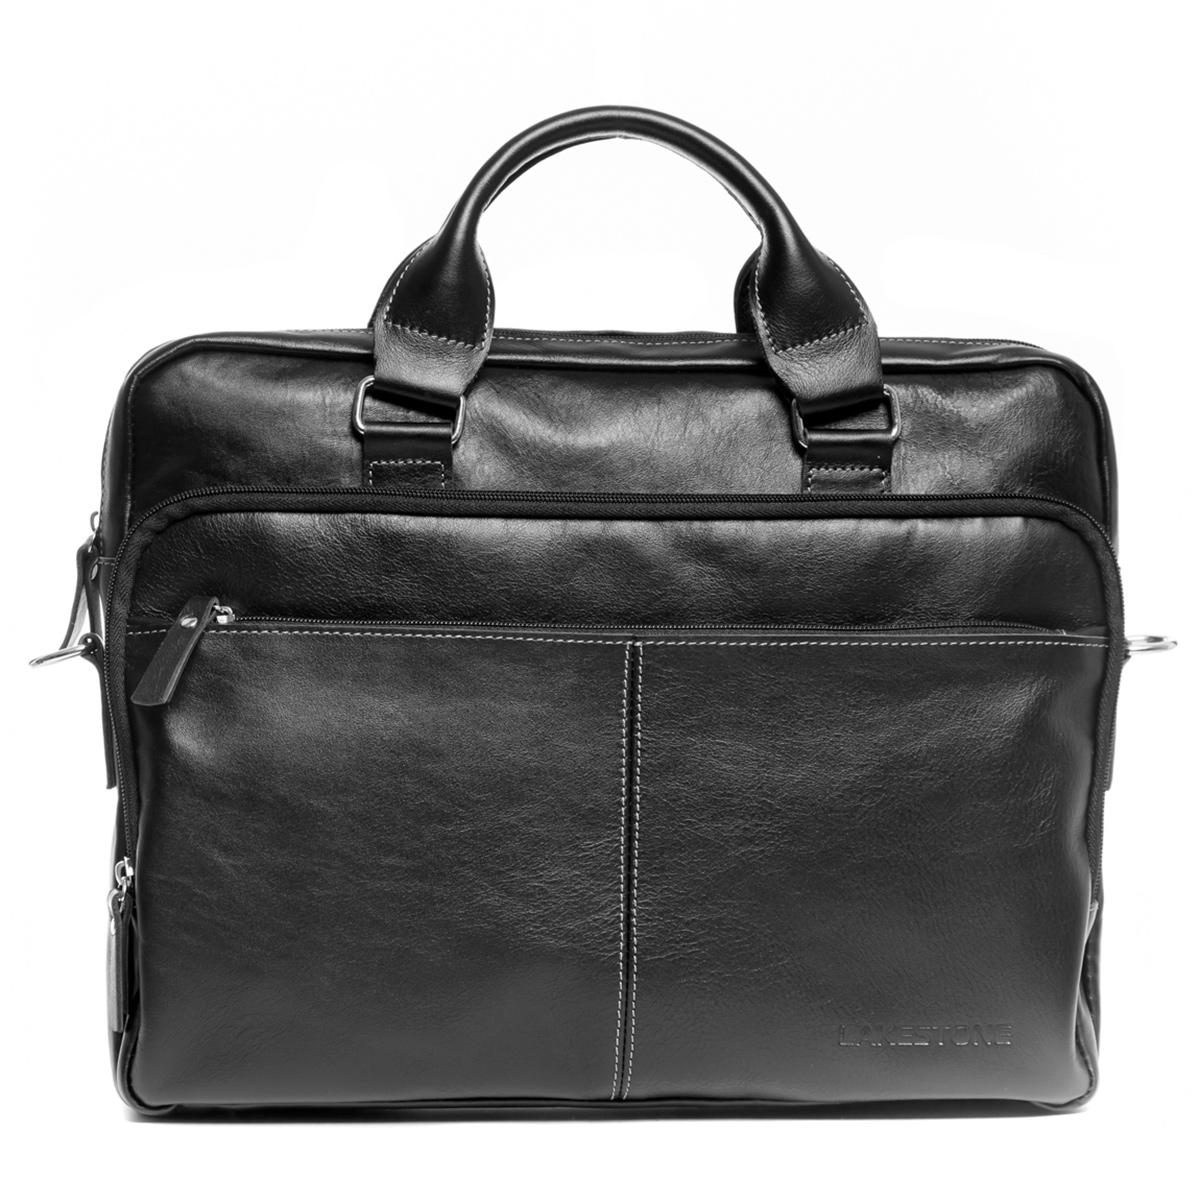 Кожаная деловая сумка для ноутбука Glenroy Black фото